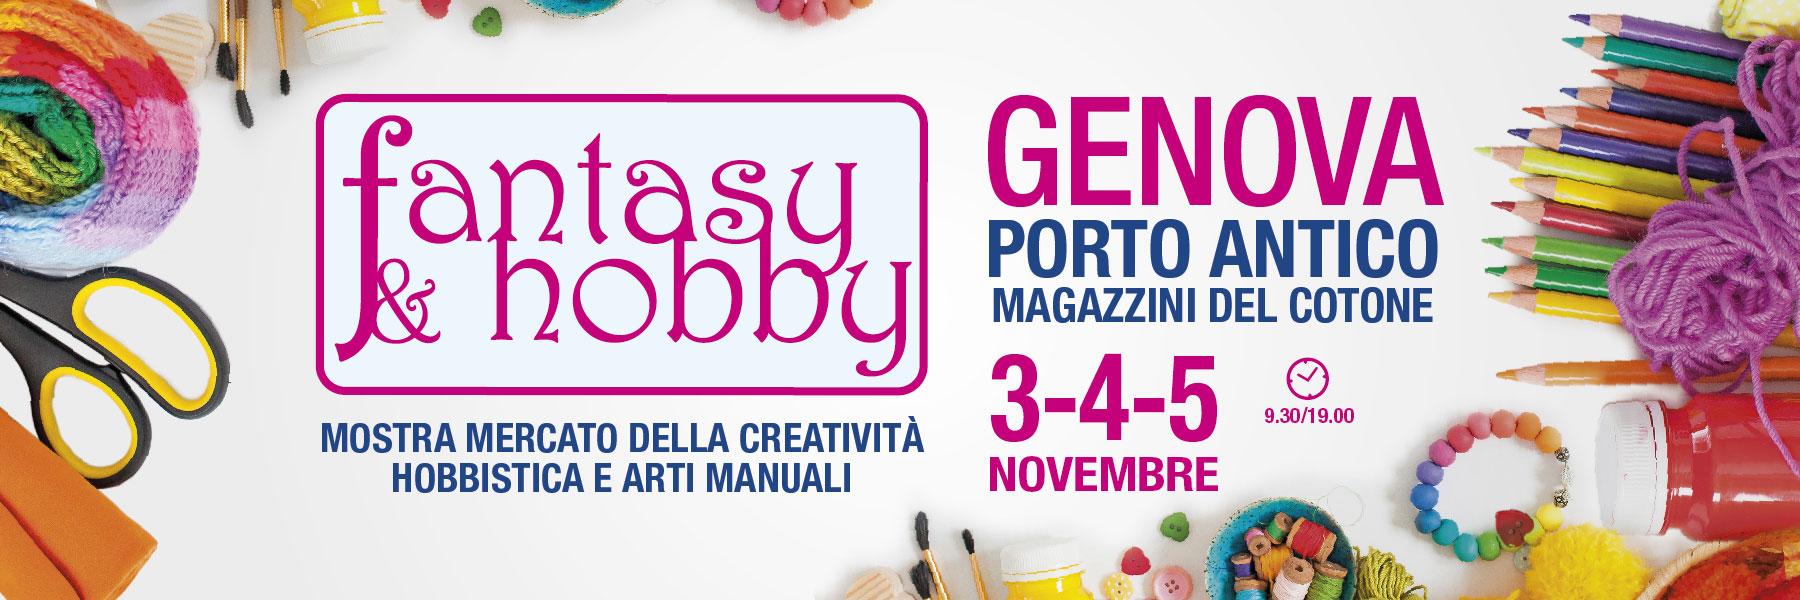 Fantasy e Hobby Genova novembre 2017